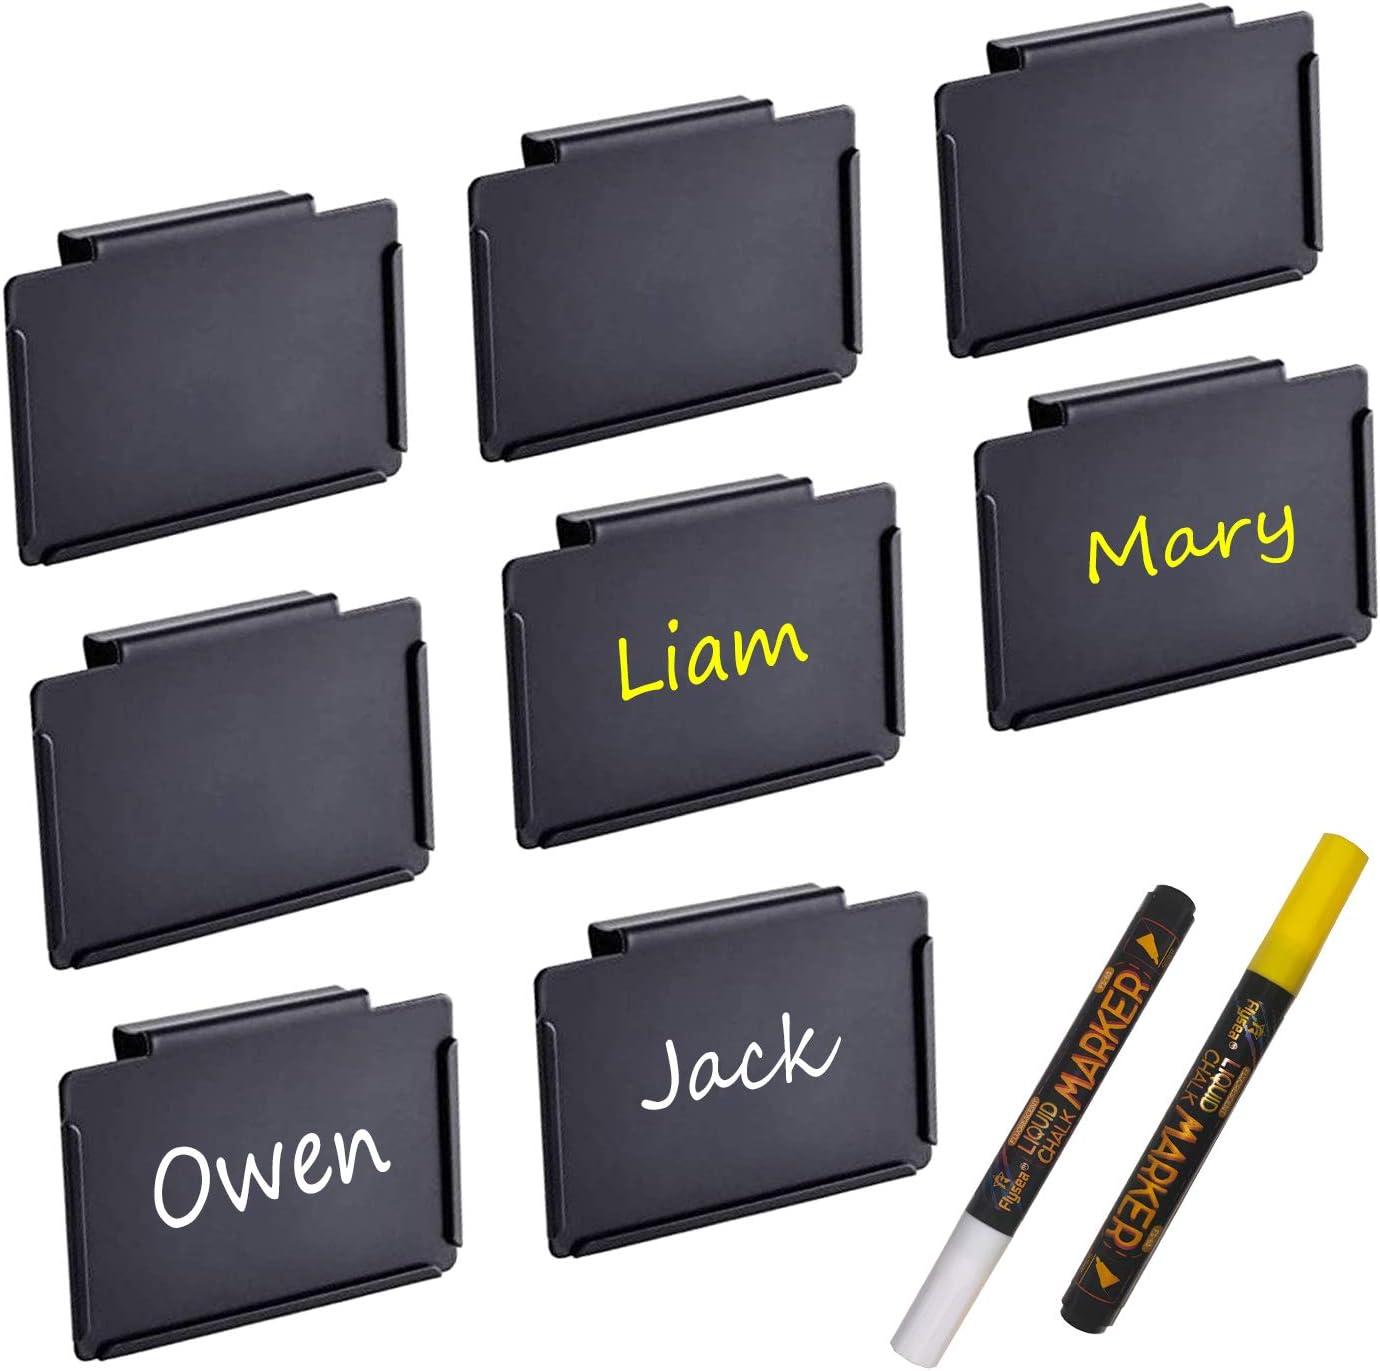 Black Clip Label Holders, Metal Hanging Clip Labels, Removable Chalkboard Labels Suit for Basket, Boxes, Bin, Tables, Shelves, organizing Bookshelves, Storage (Includes 2 Chalk Marker) (Black, 8 Pcs)